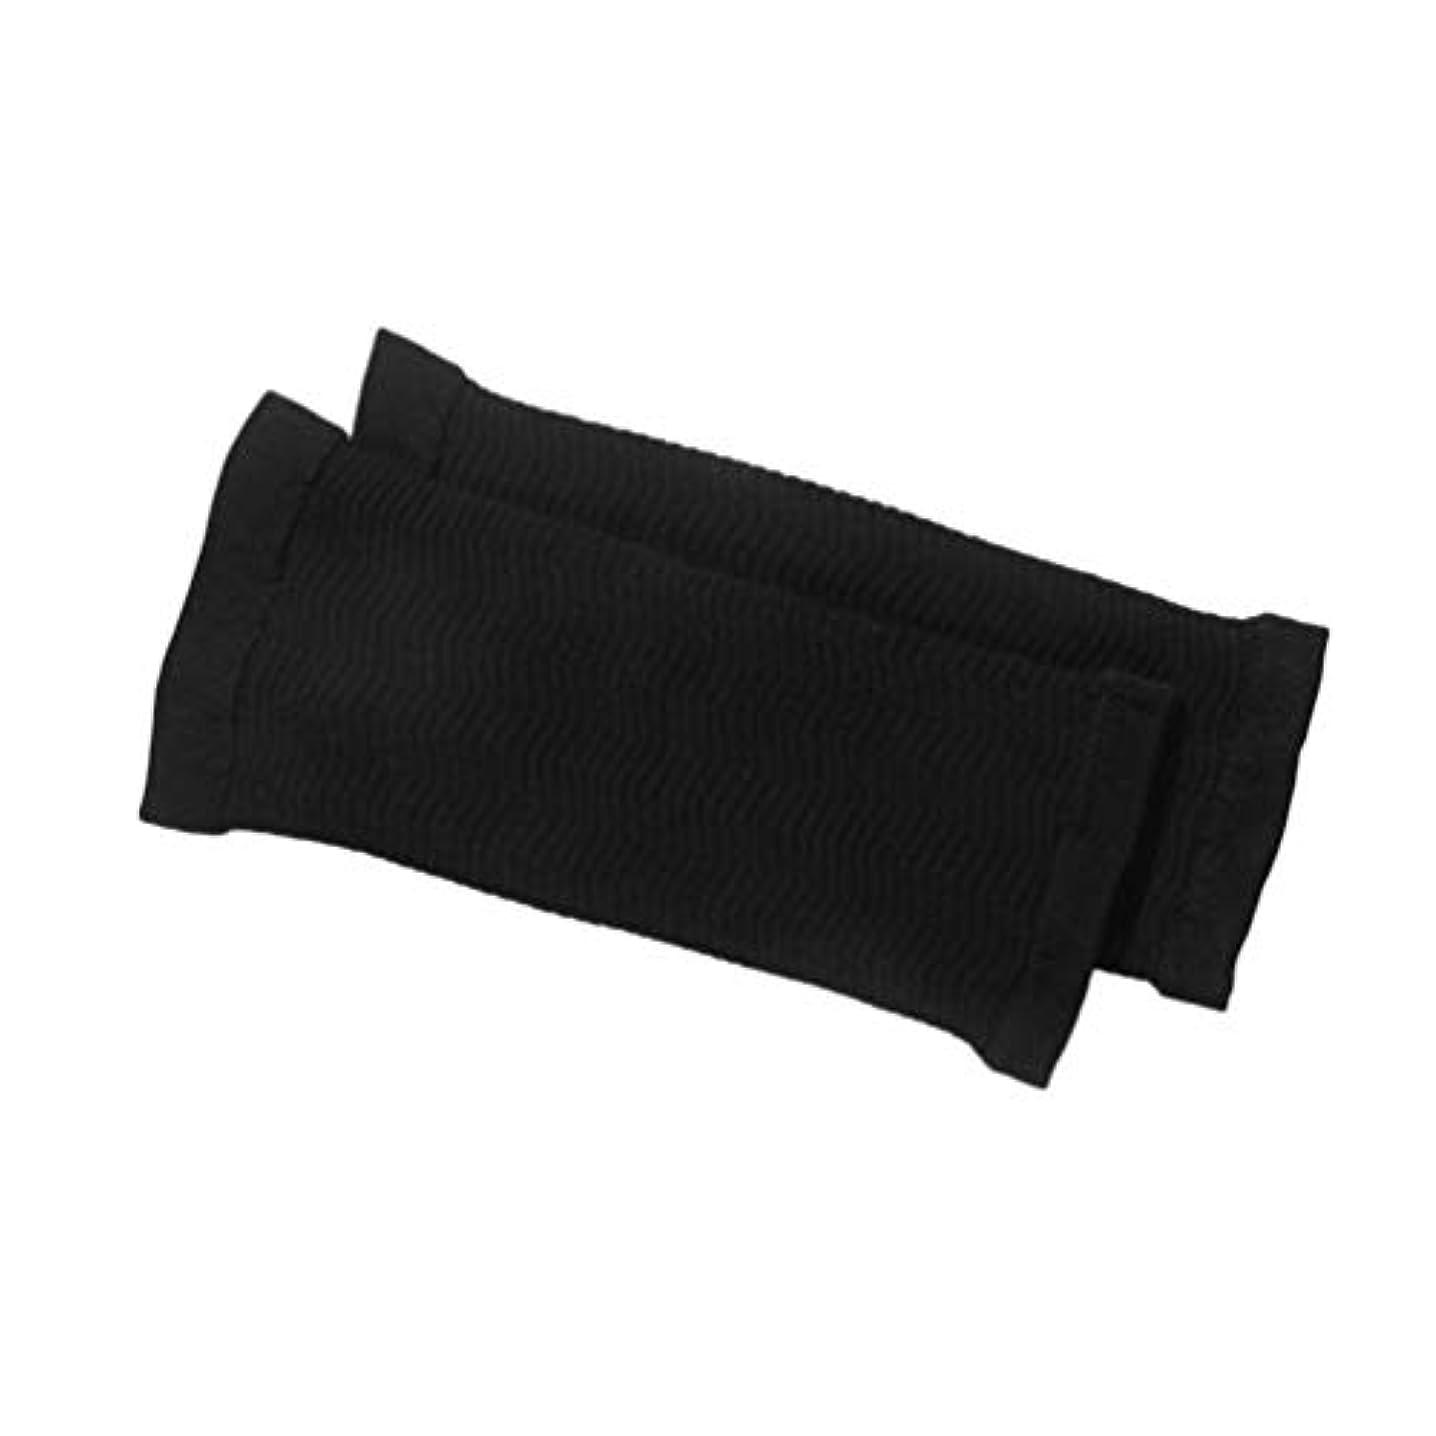 未使用利得キャンペーン1ペア420 D圧縮痩身アームスリーブワークアウトトーニングバーンセルライトシェイパー脂肪燃焼袖用女性 - 黒